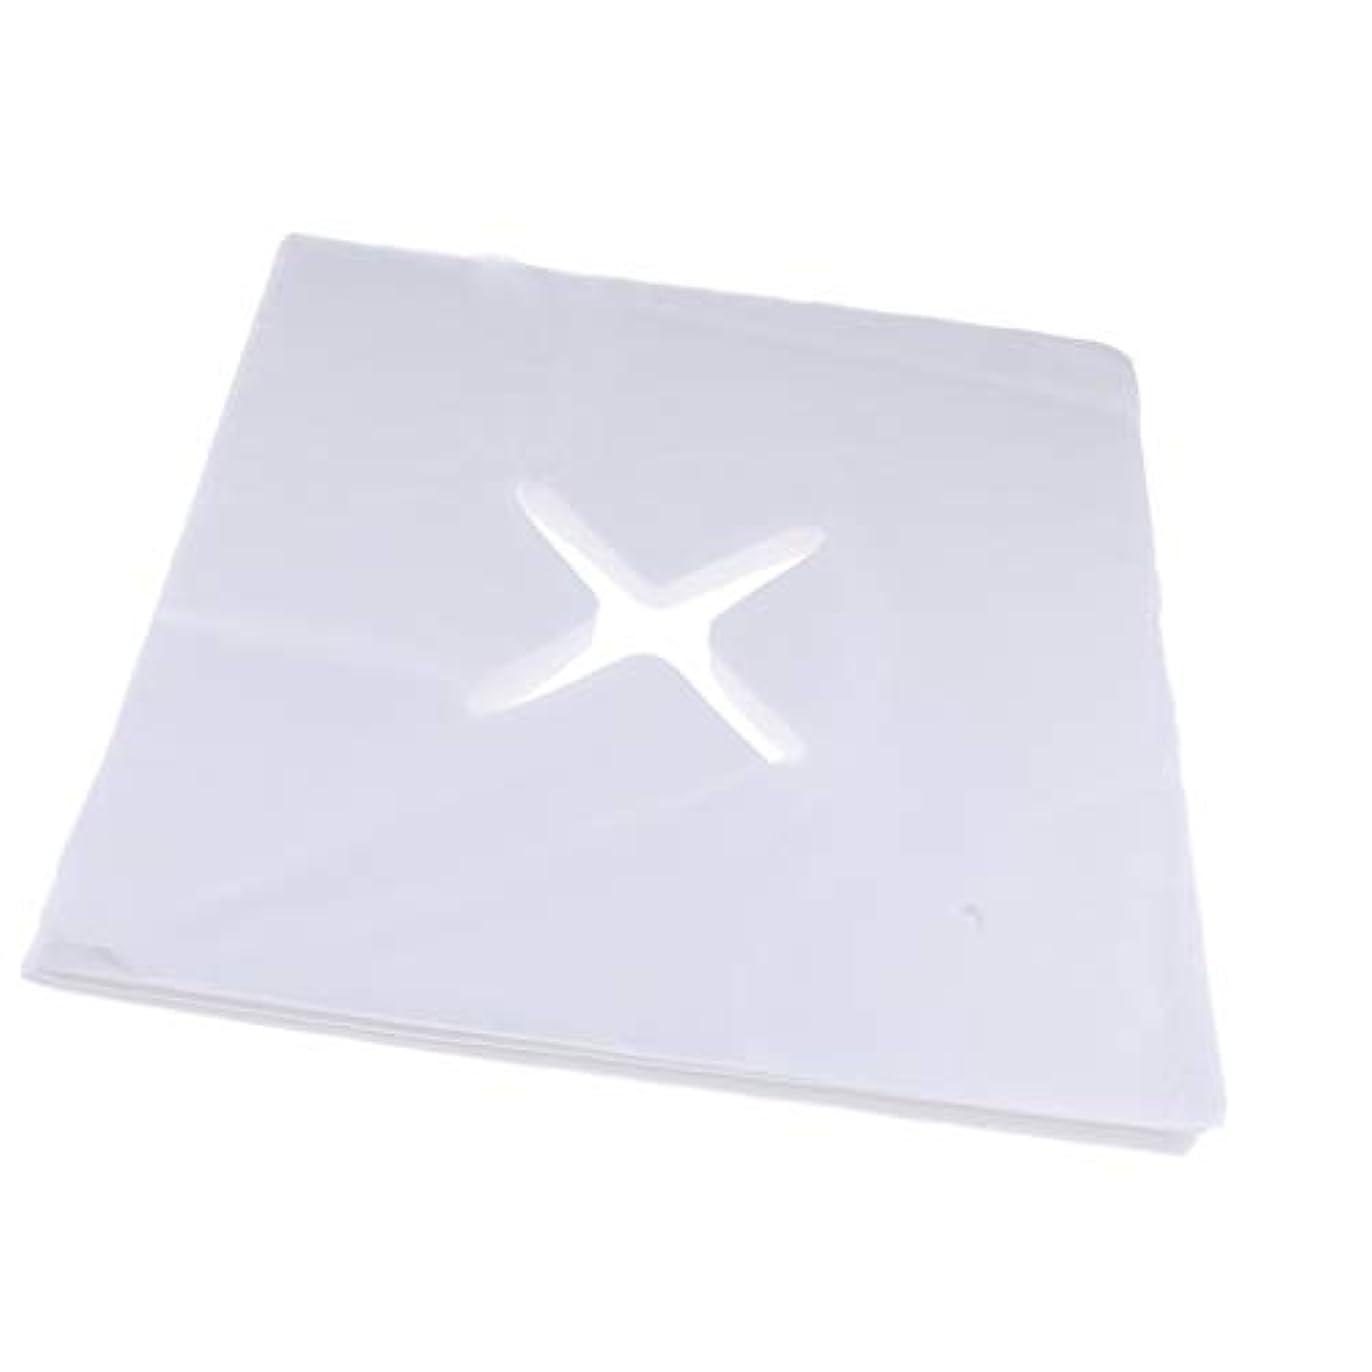 神天気に賛成約200枚 十字カット 使い捨て ピローシート フェイスカバー 枕カバー クッション S/M - L